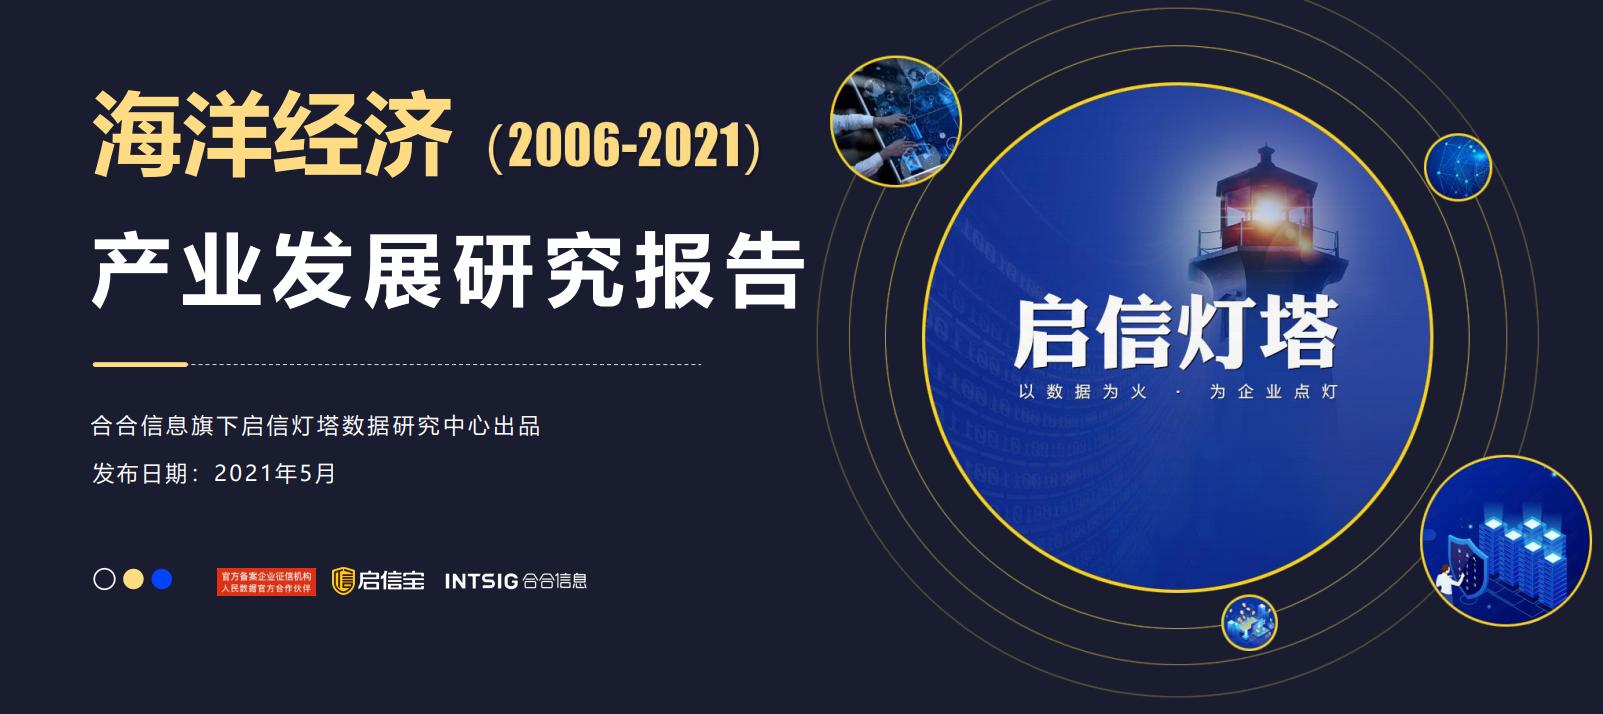 启信宝企业版首发《2021年中国海洋经济产业发展研究报告》